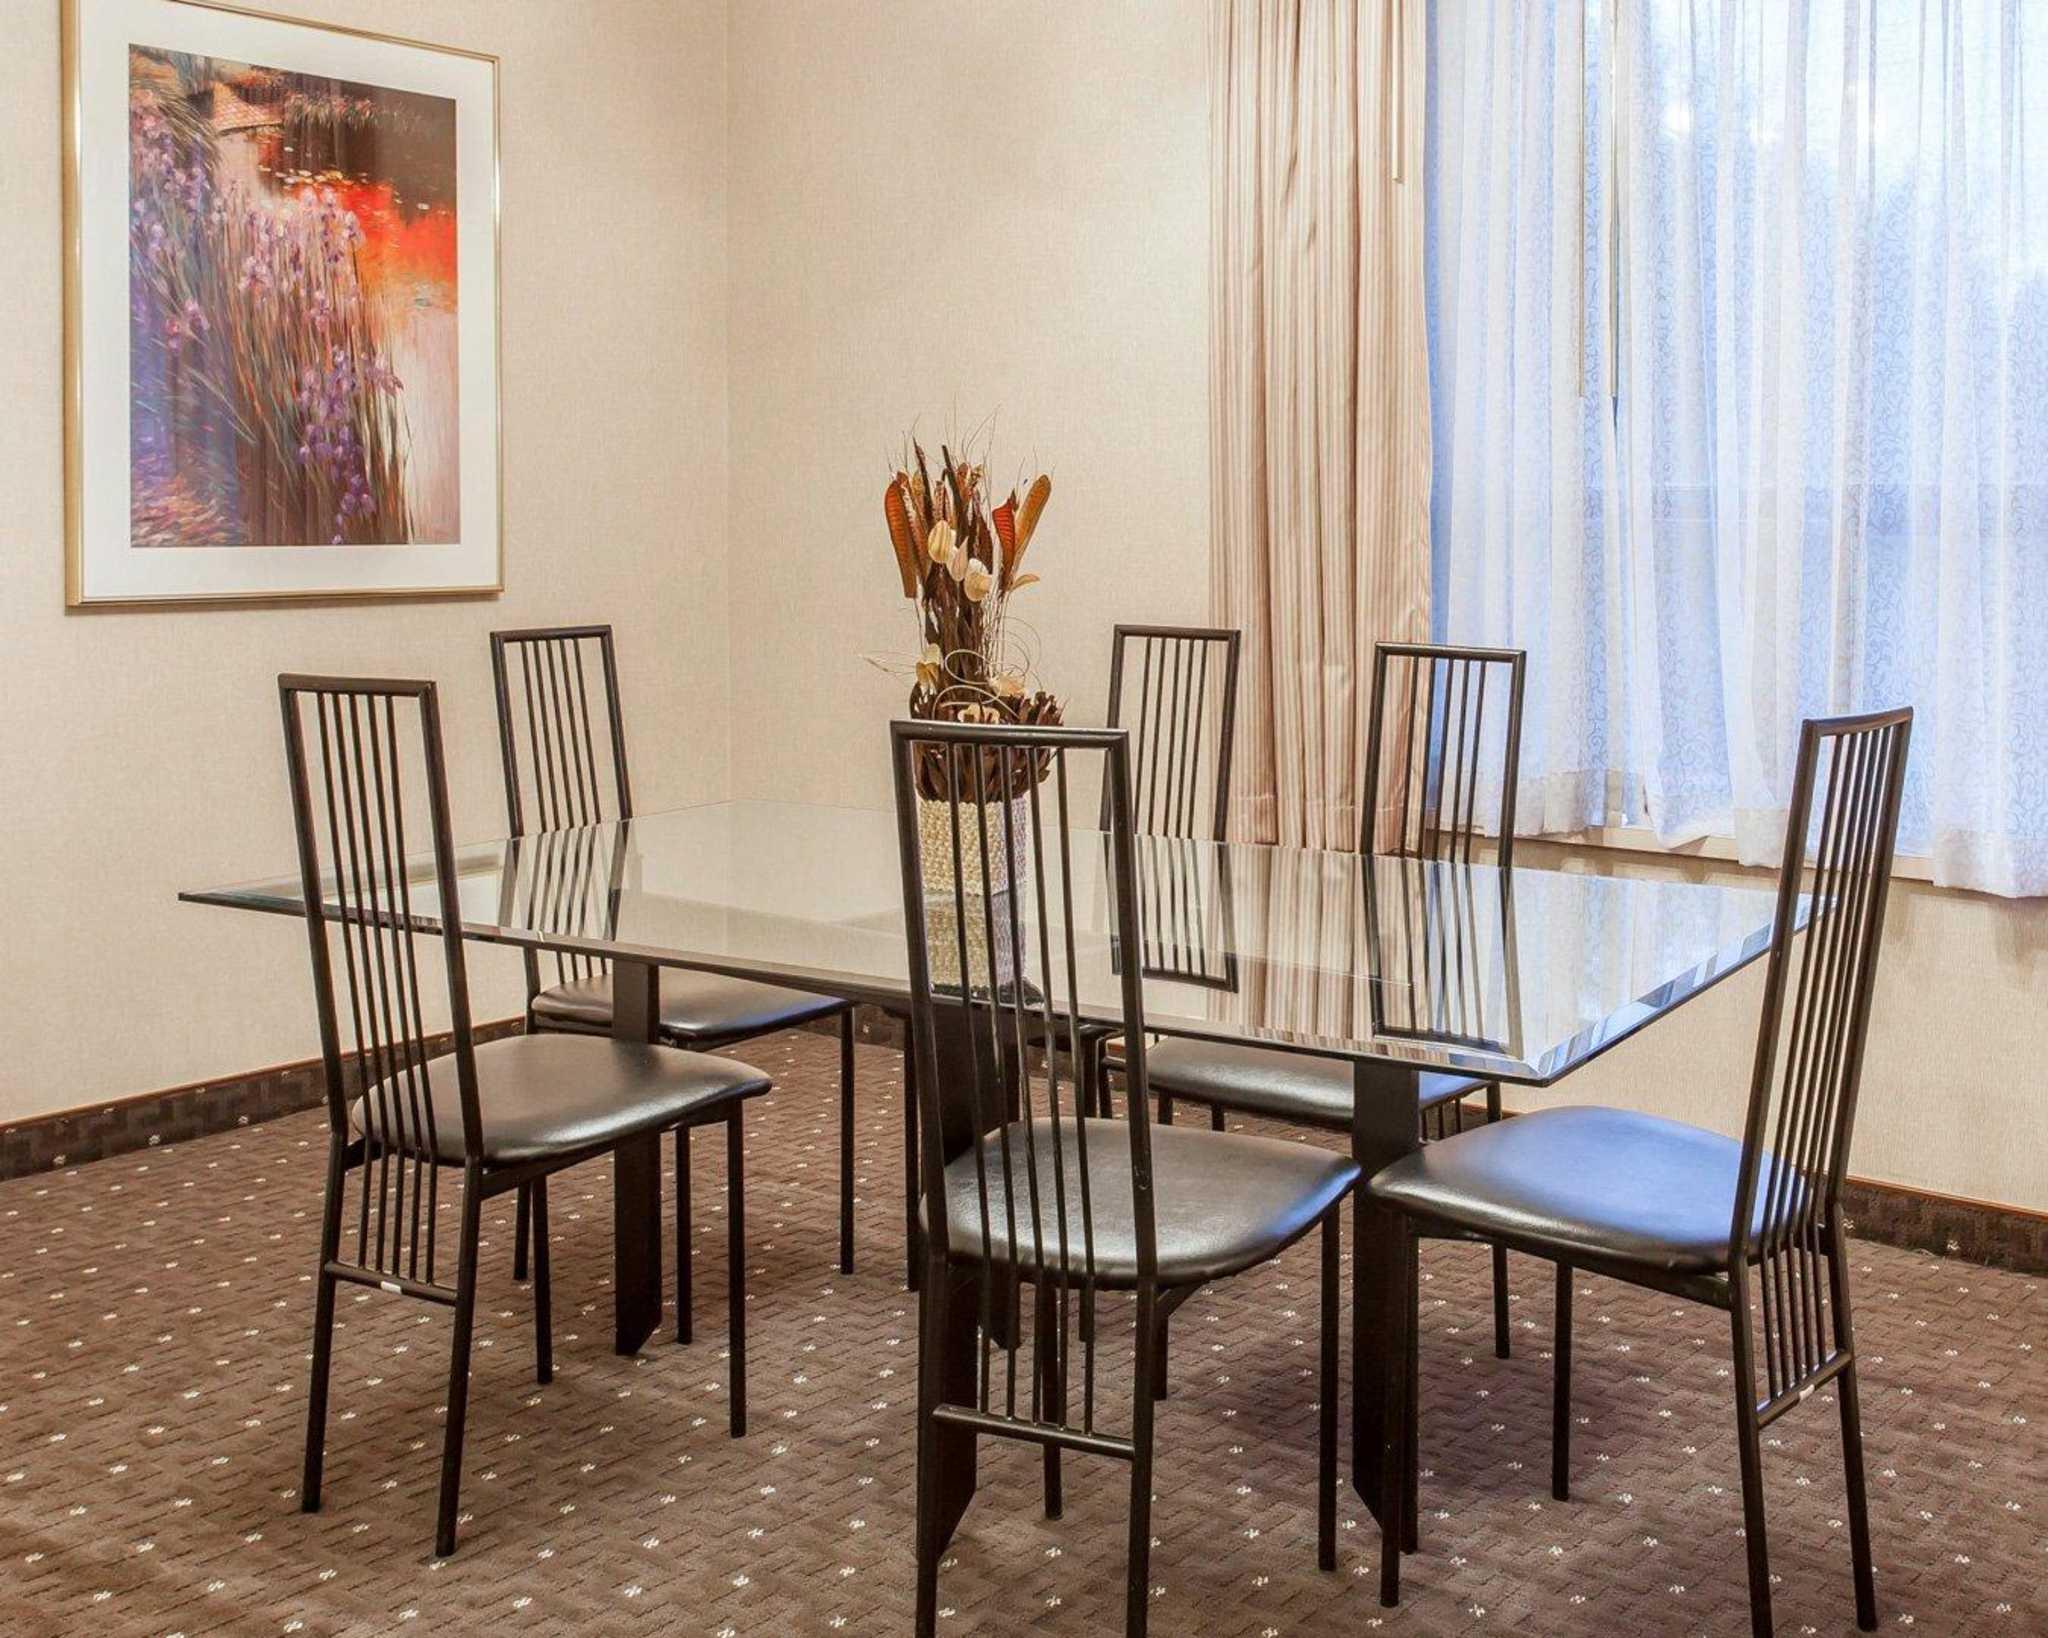 Rooms For Rent Renton Washington